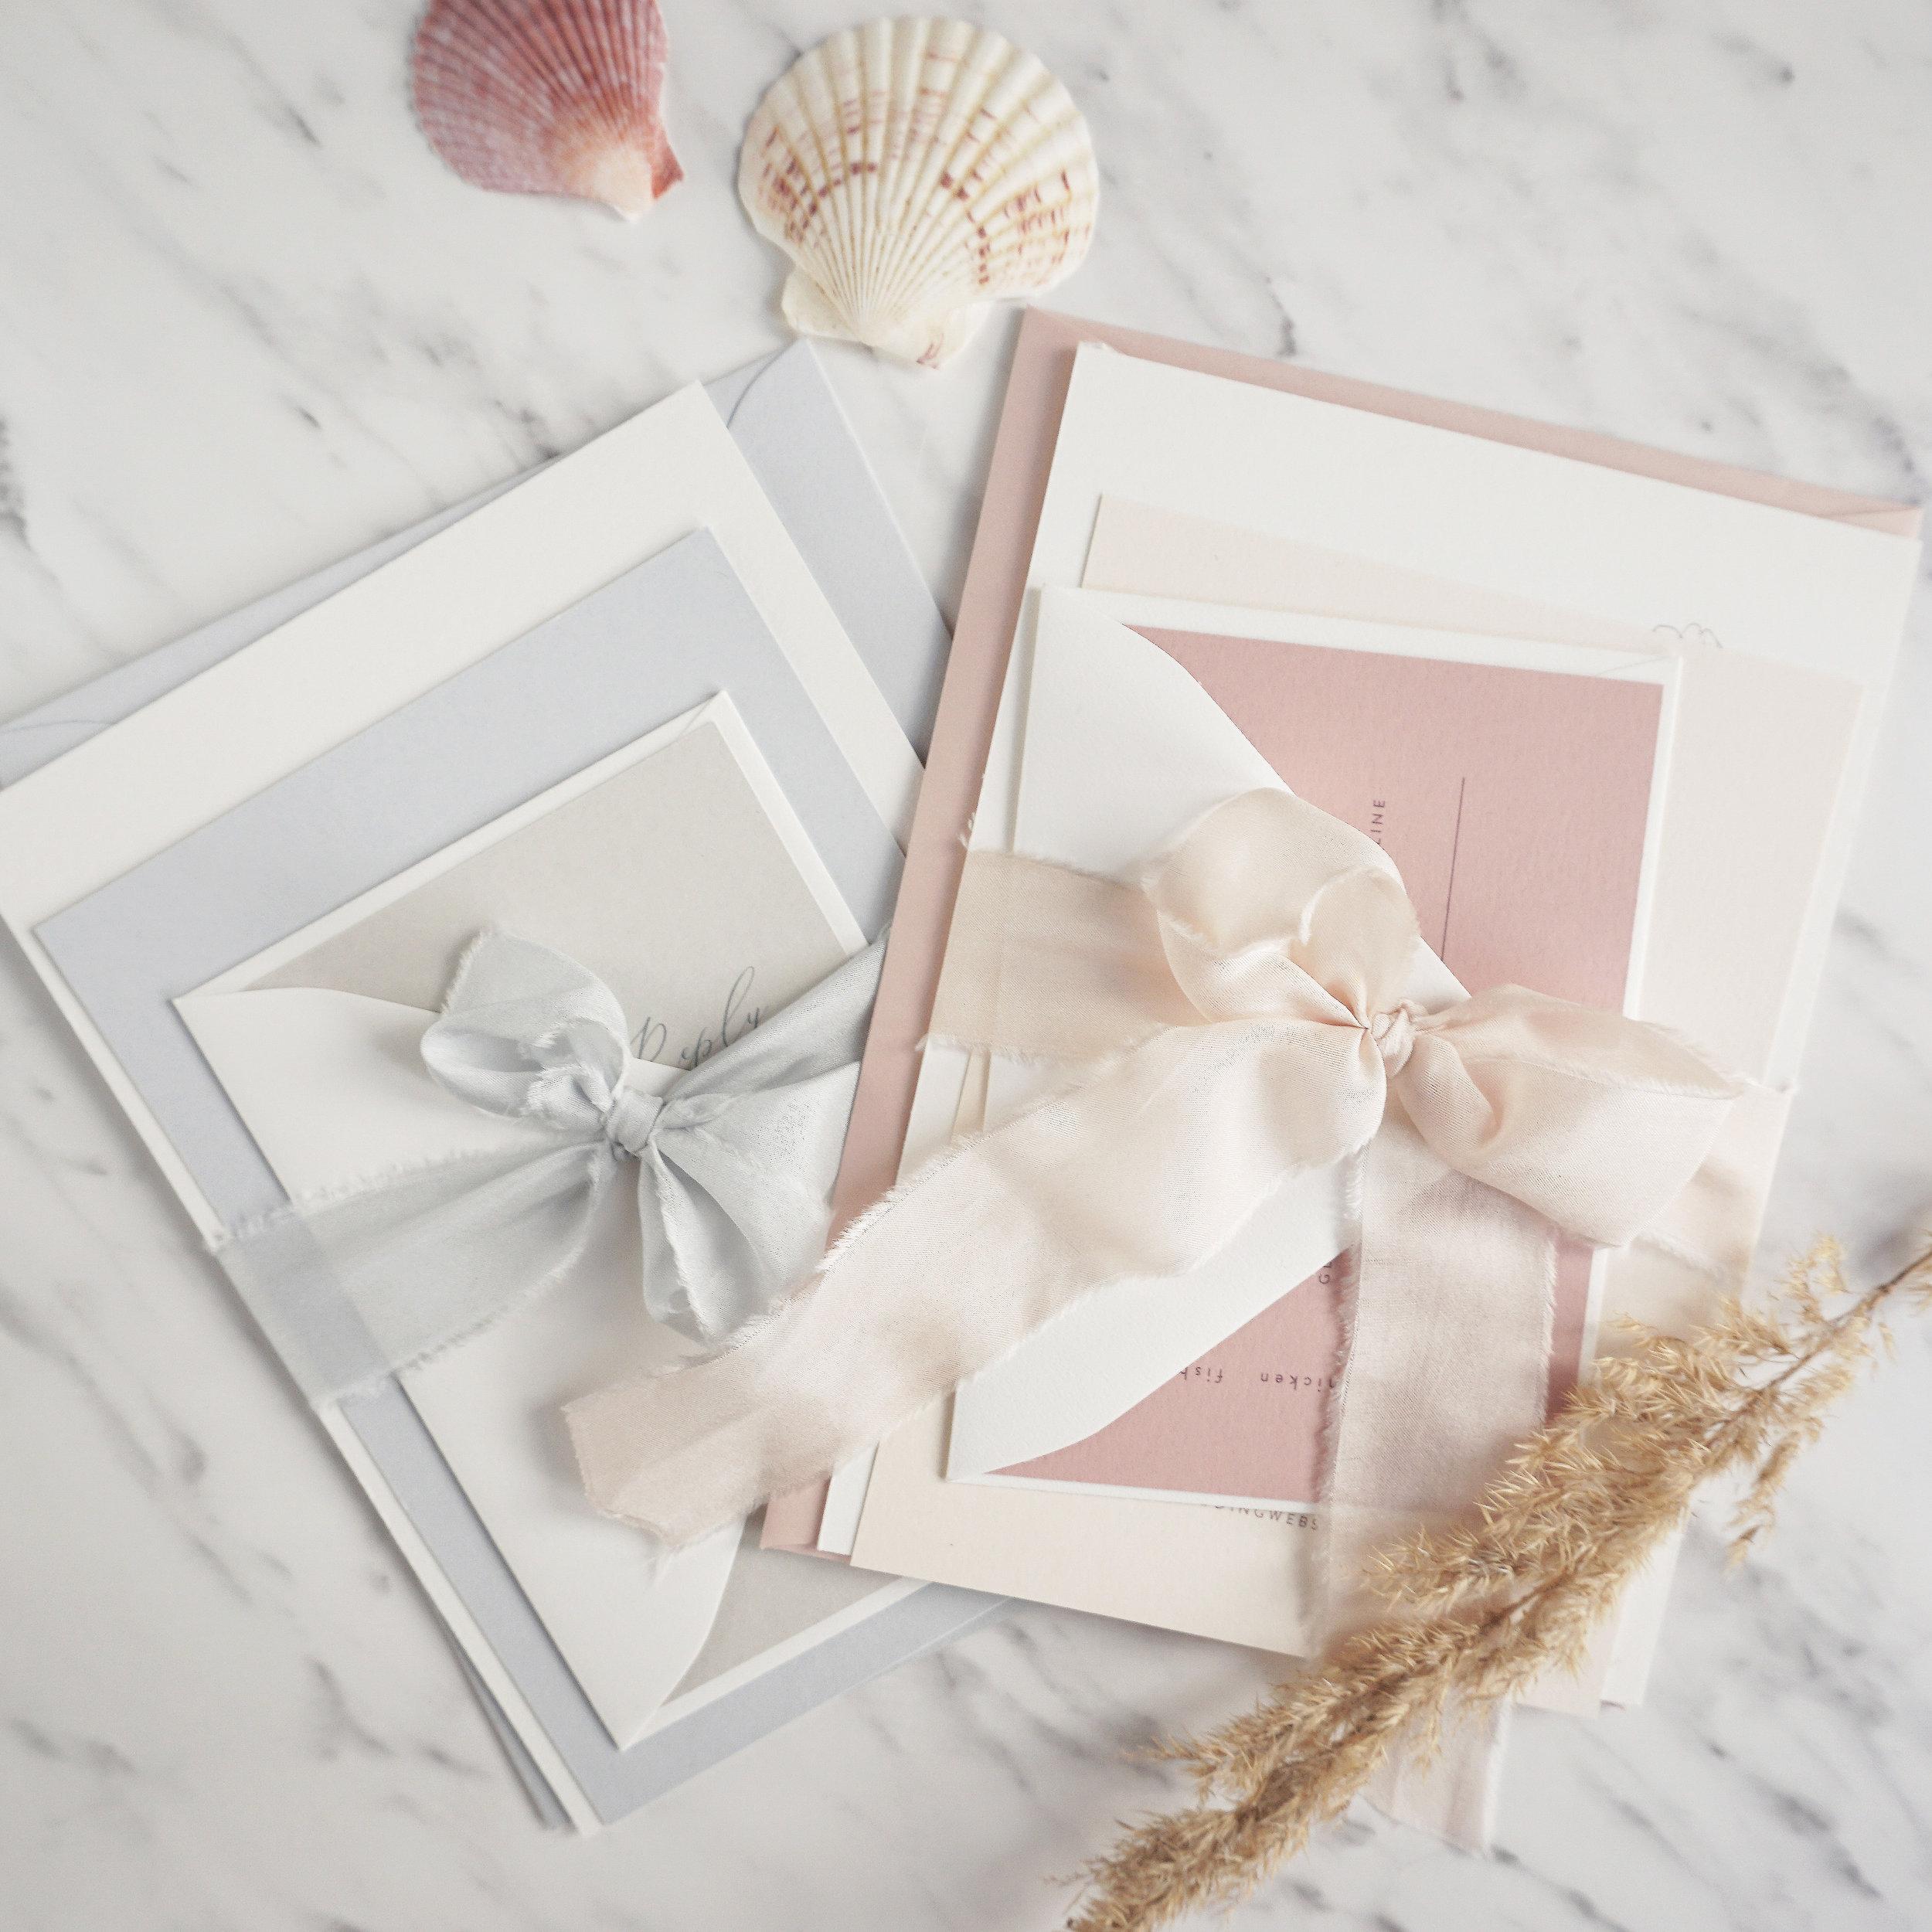 By Stina Design - Trycksaker till bröllopet